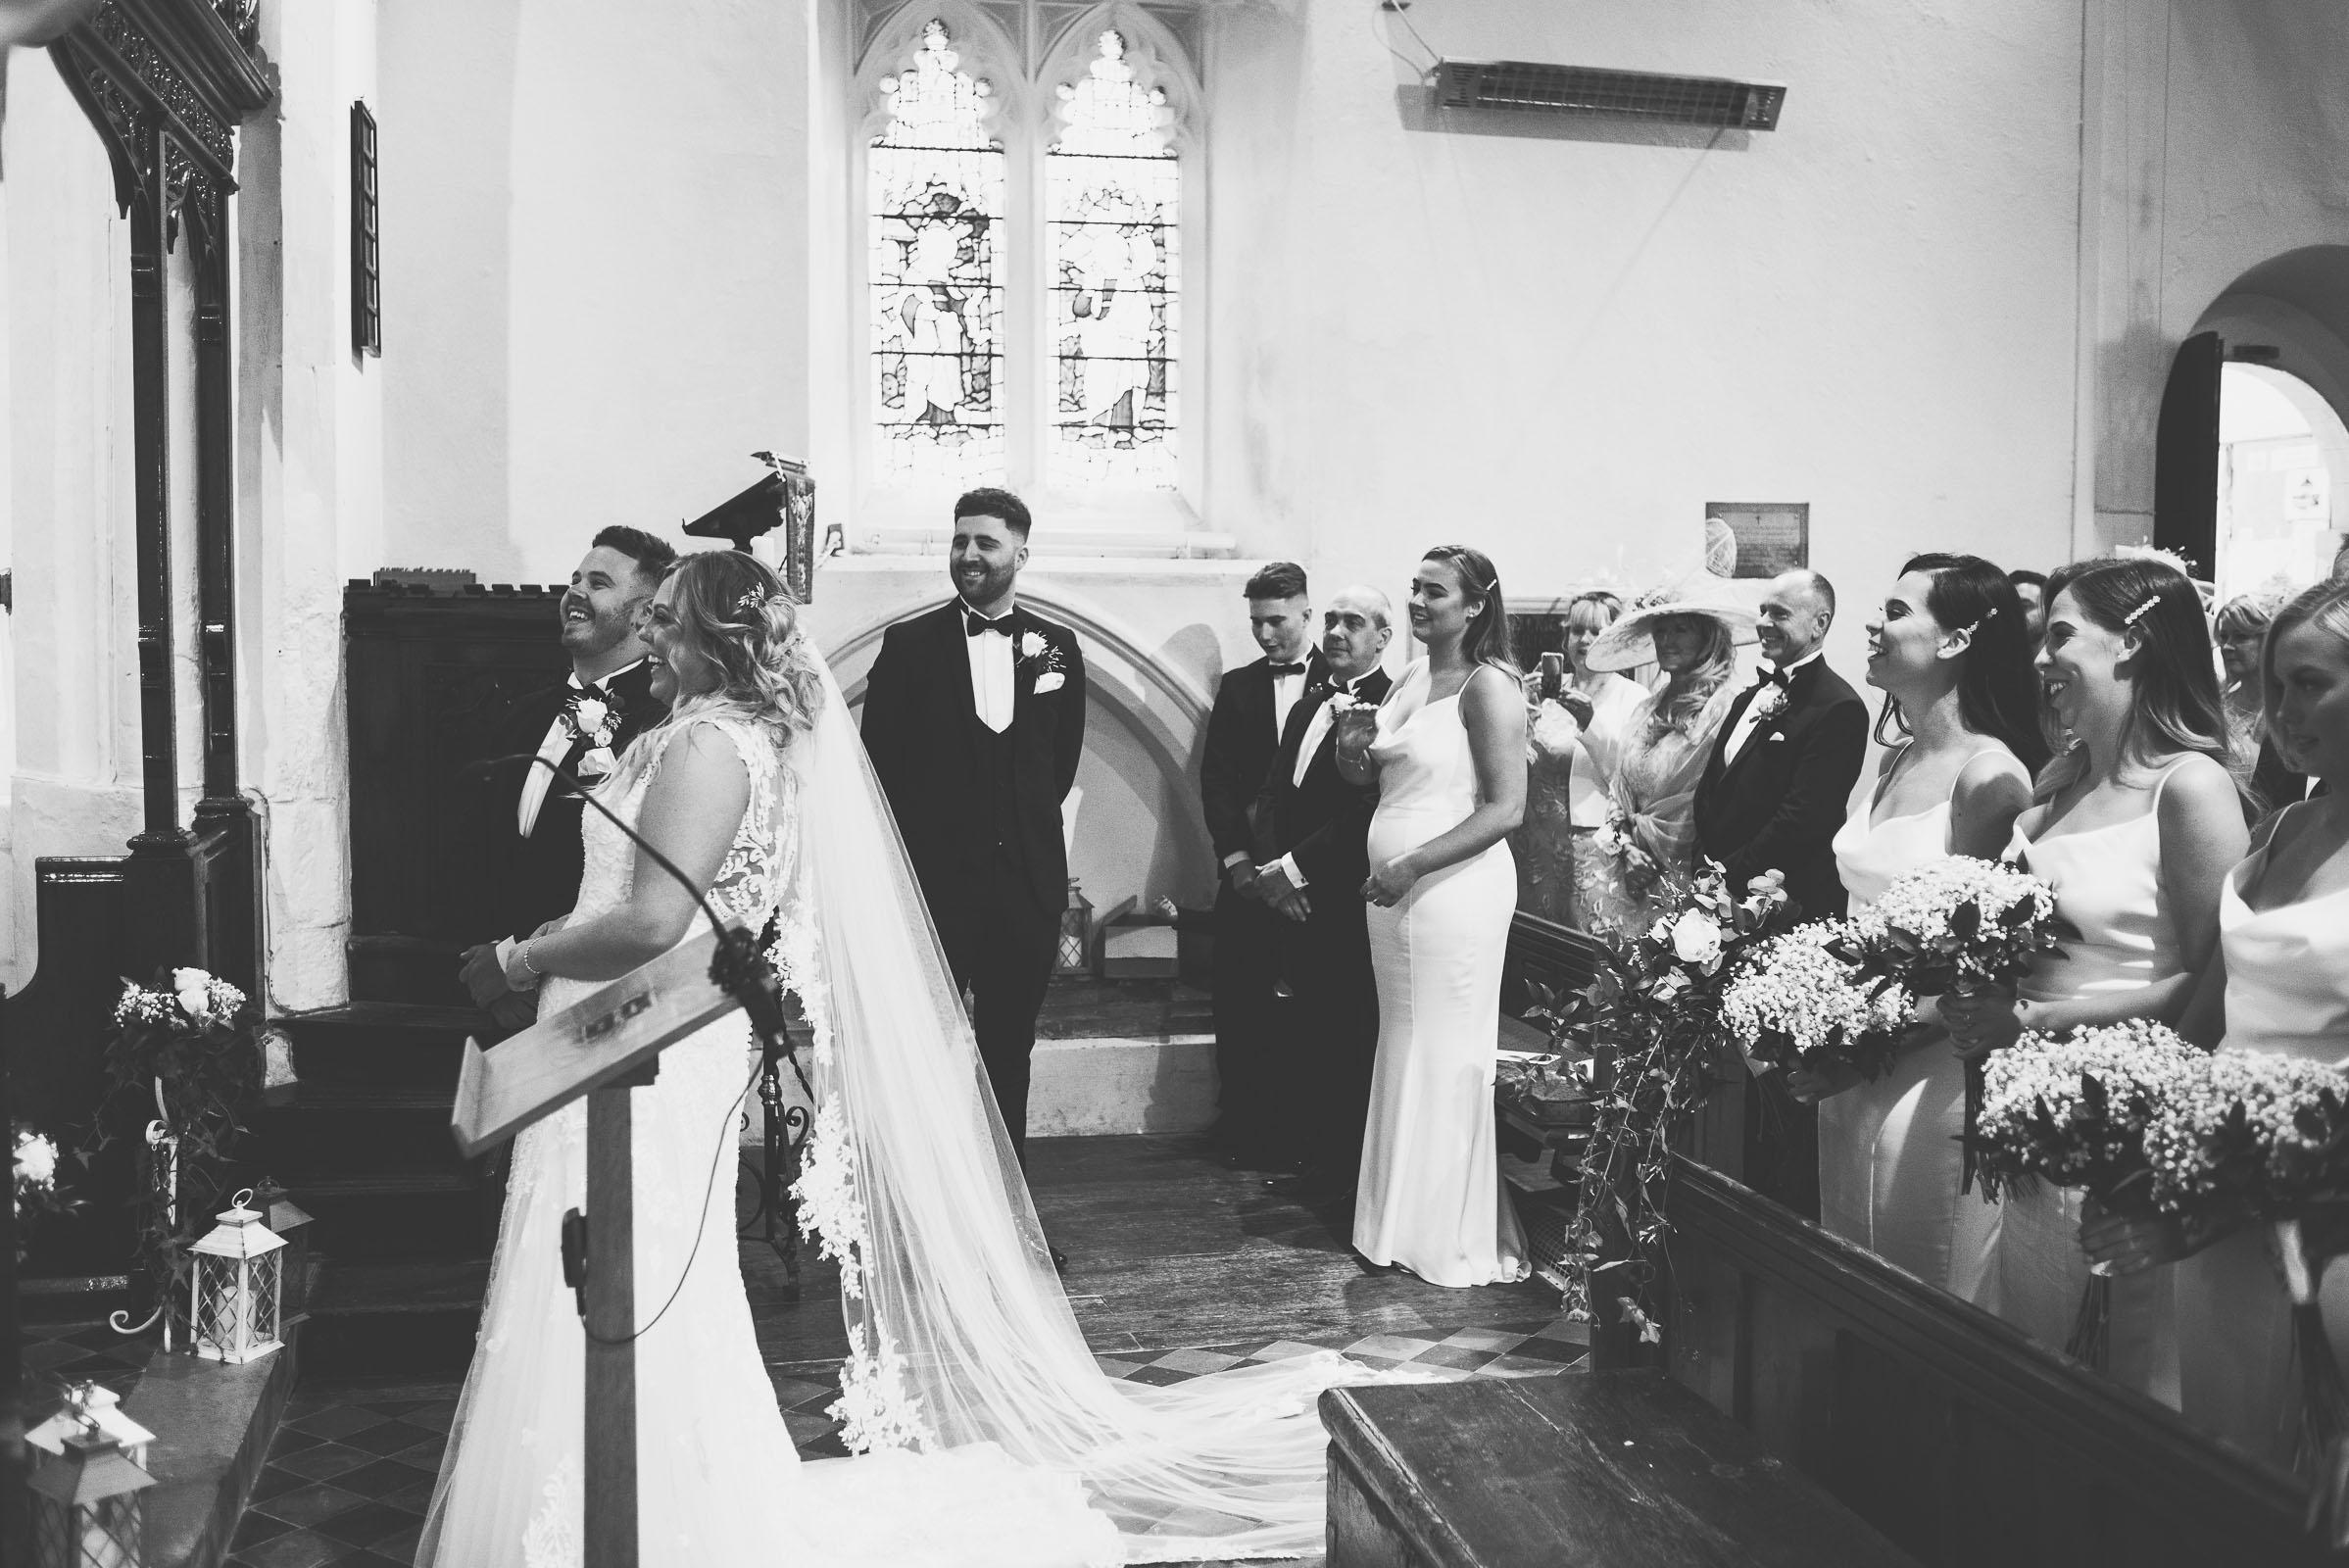 Lutonhoo-wedding-Bedfordshire-Datchworth-Tewinburyfarm-39.jpg